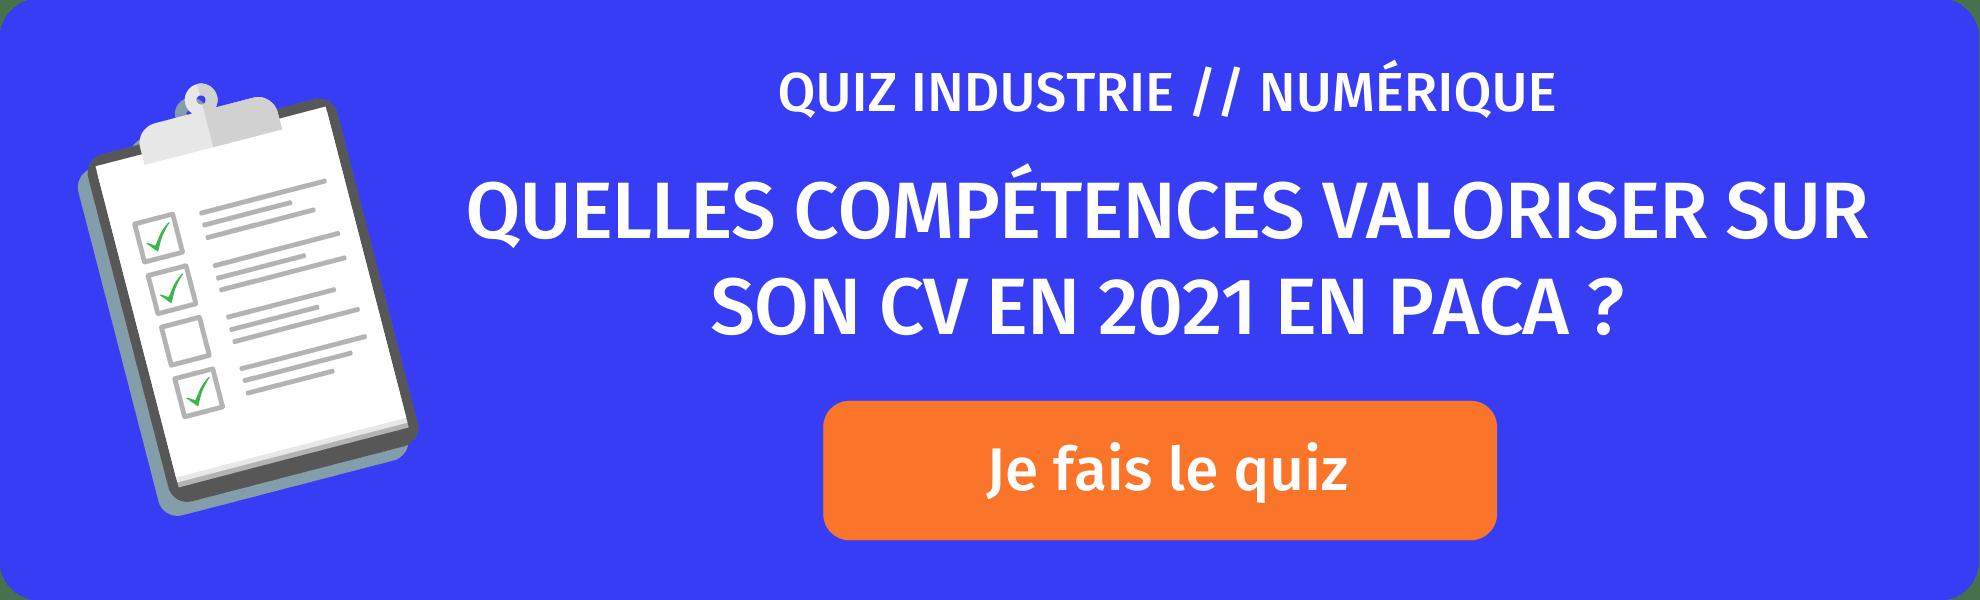 Image - https://lp.cote-azur.cci.fr/edrh-emploi-candidat-quizz